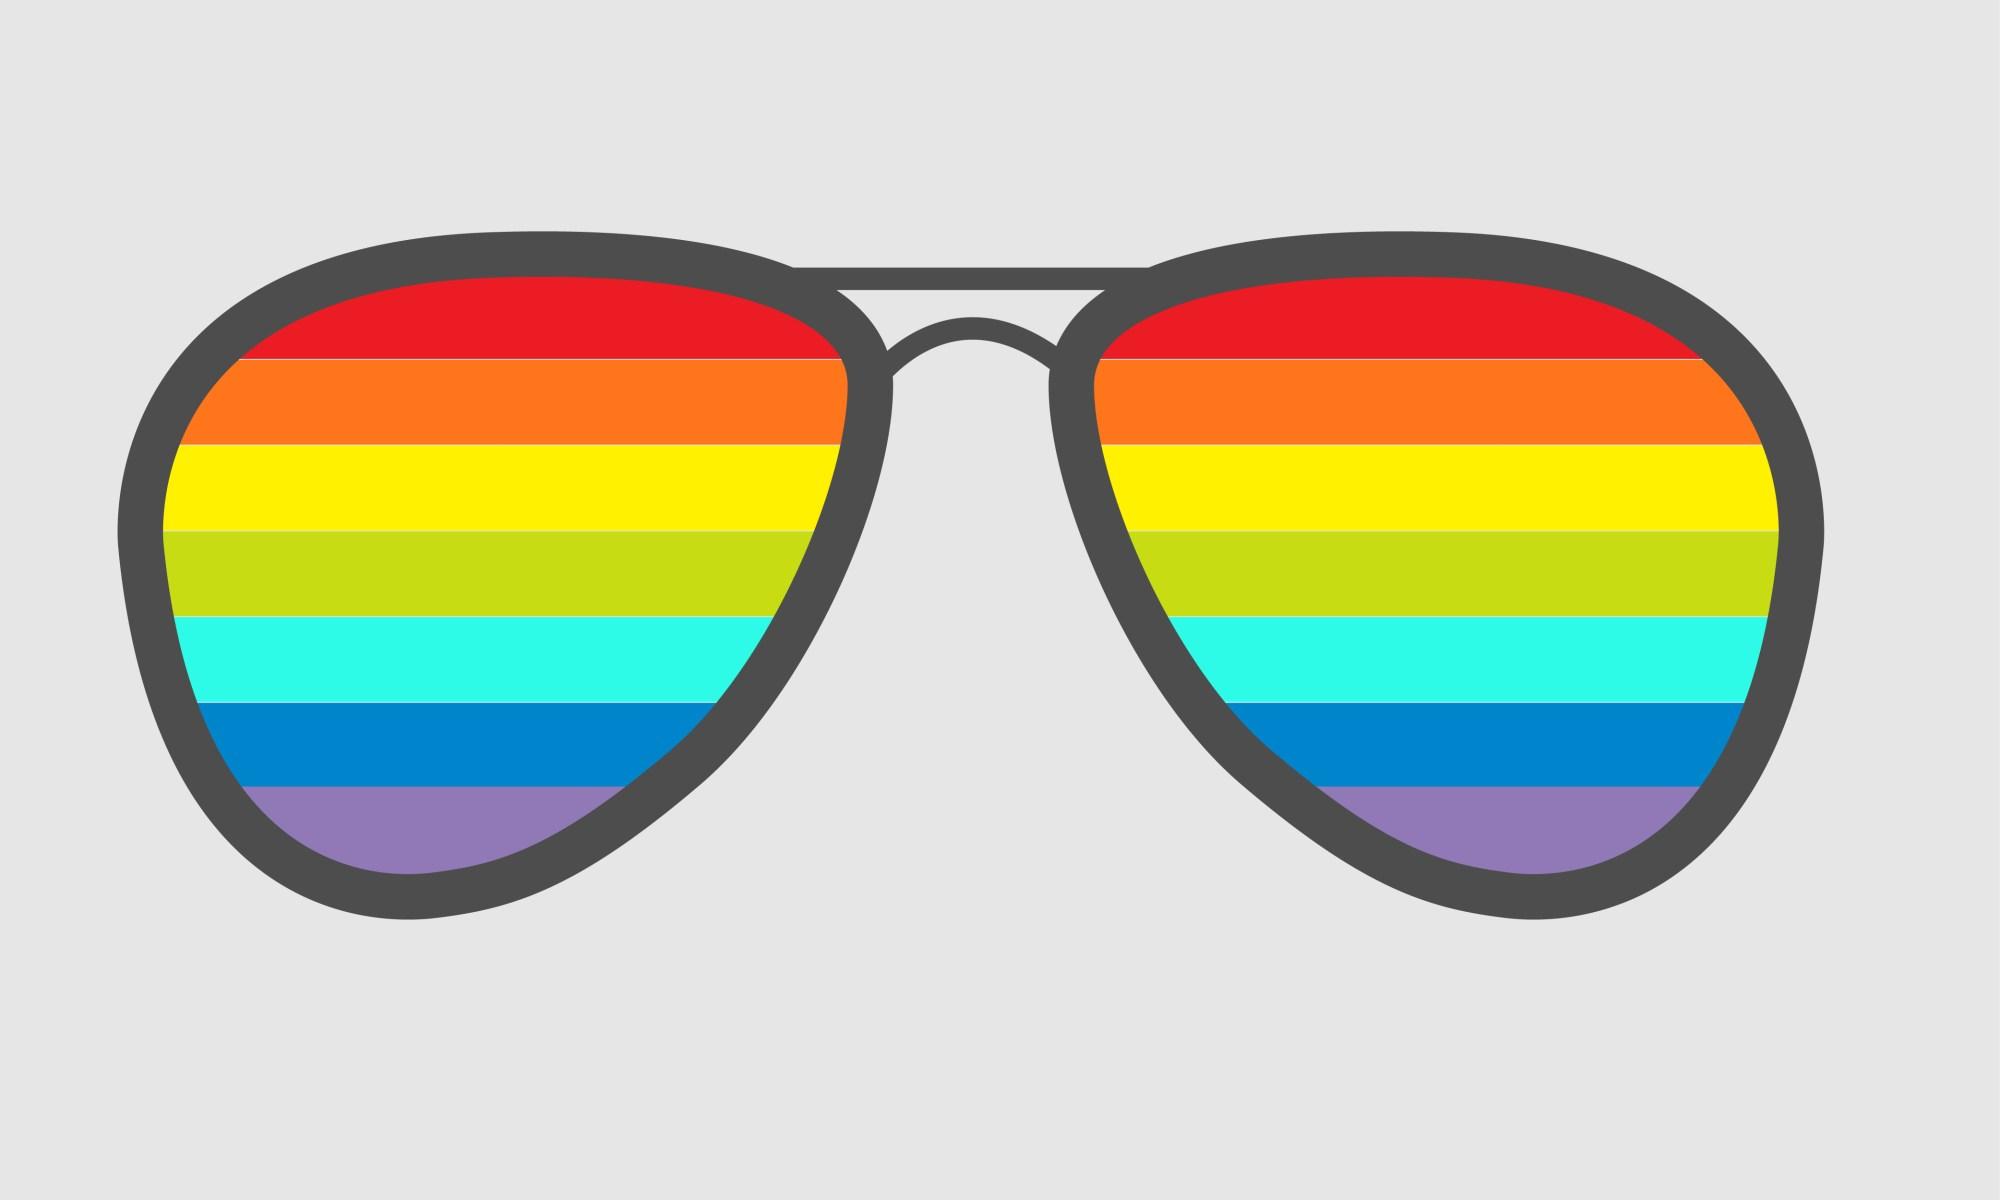 Comisión de Derechos Civiles busca visibilizar criminalización de la sexualidad